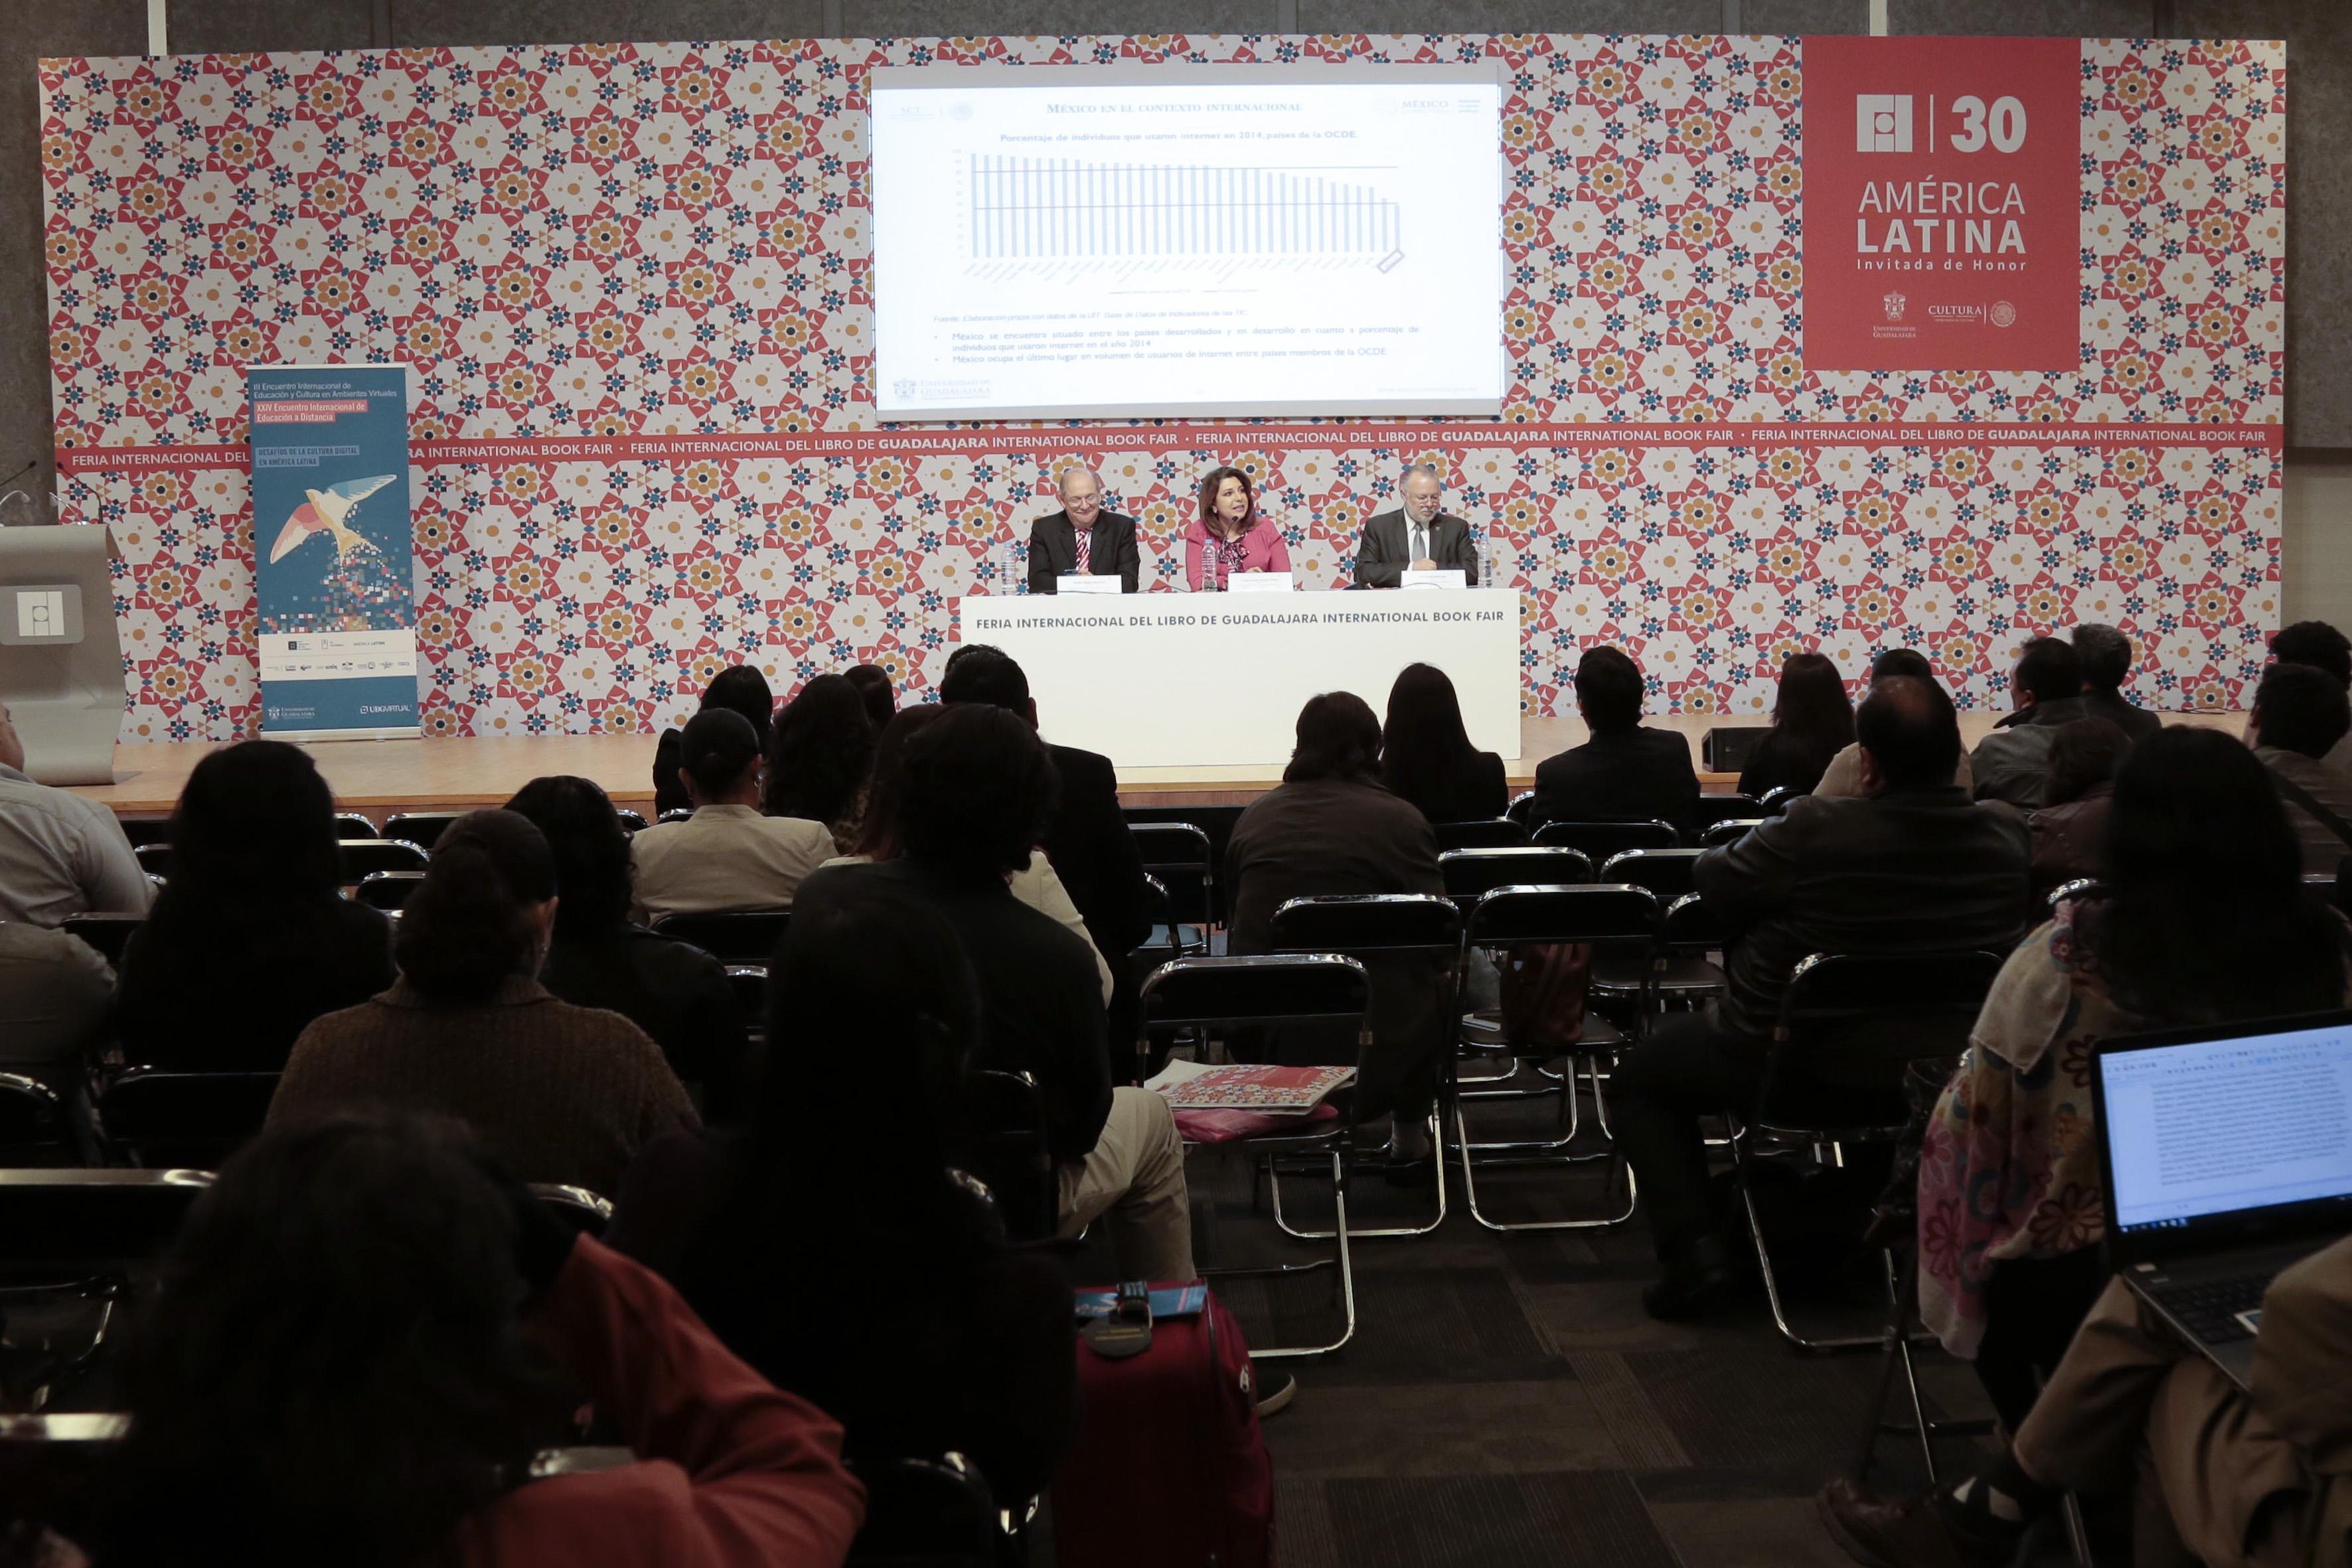 Vista panorámica del evento , durante la intervención de la titular de la Coordinación General Administrativa de la Universidad de Guadalajara, la doctora Carmen Enedina Rodríguez Armenta.